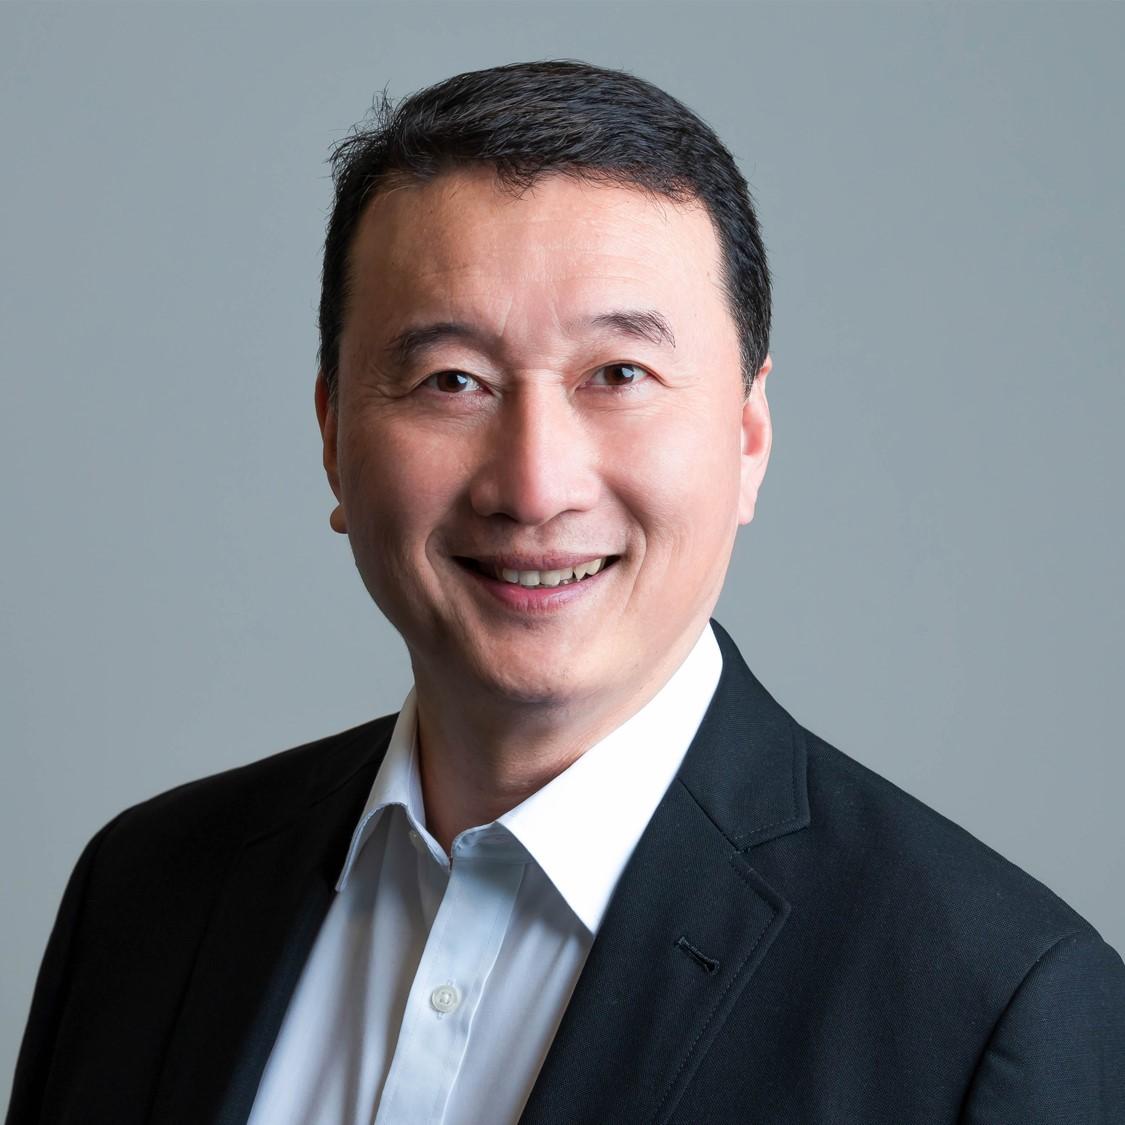 Sam Ong